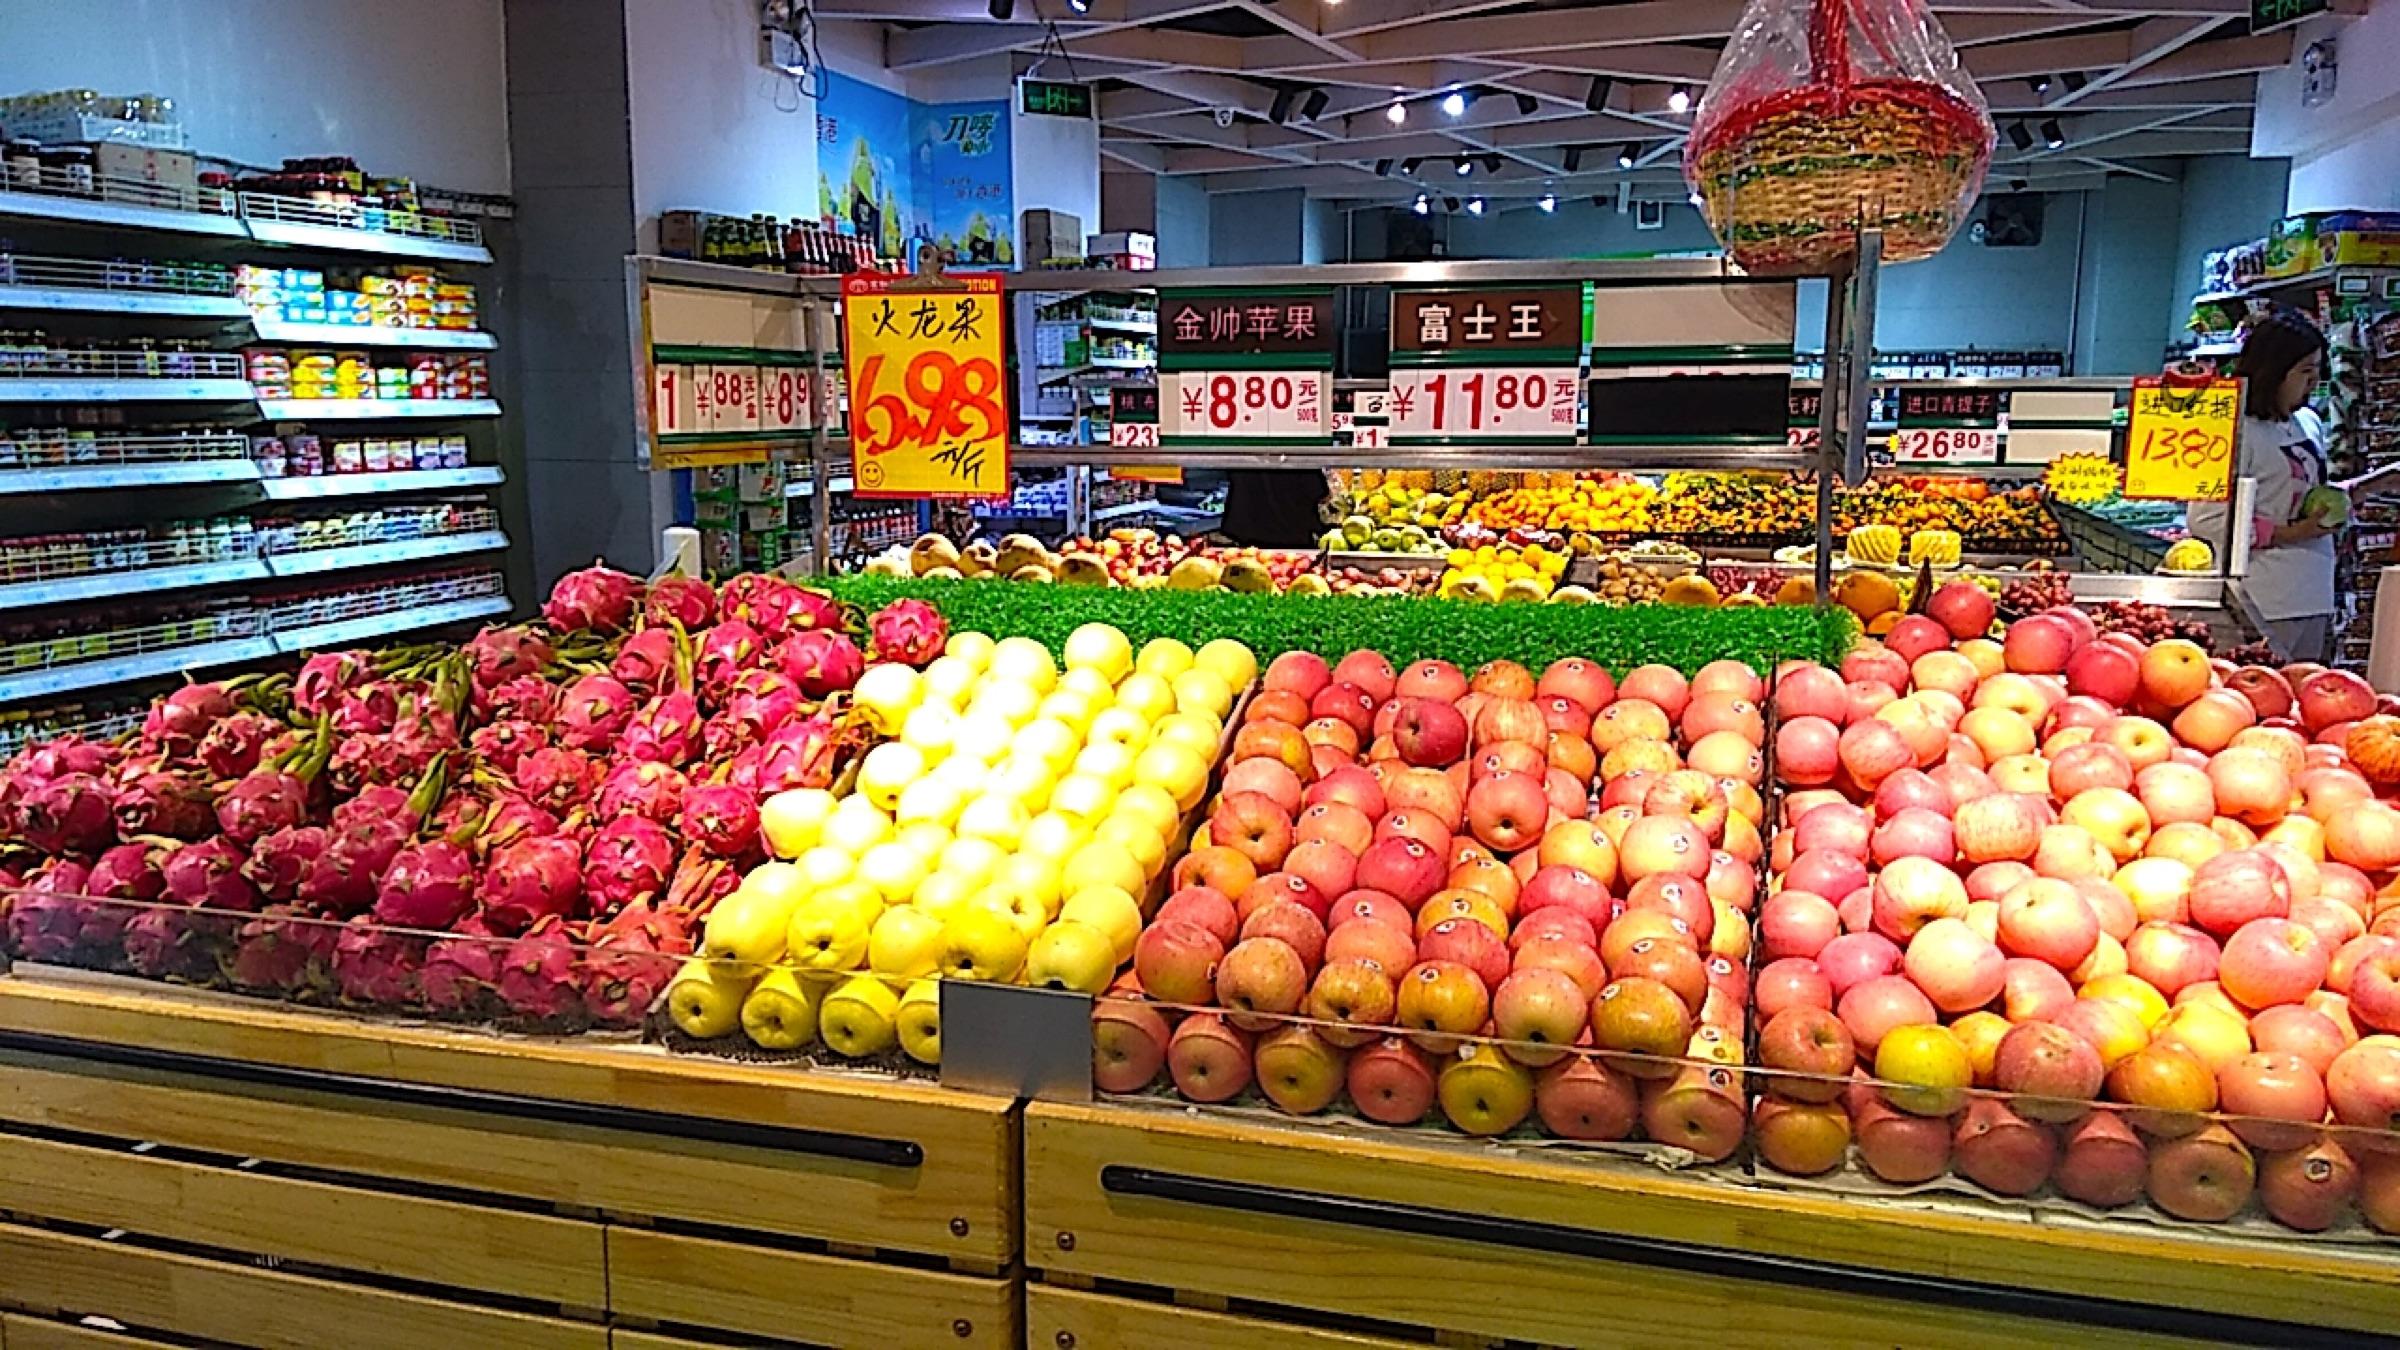 中国 深セン 福田の裏通りのスーパー5 野菜果物 Shenzhen Futian DOWN TOWN_[0]